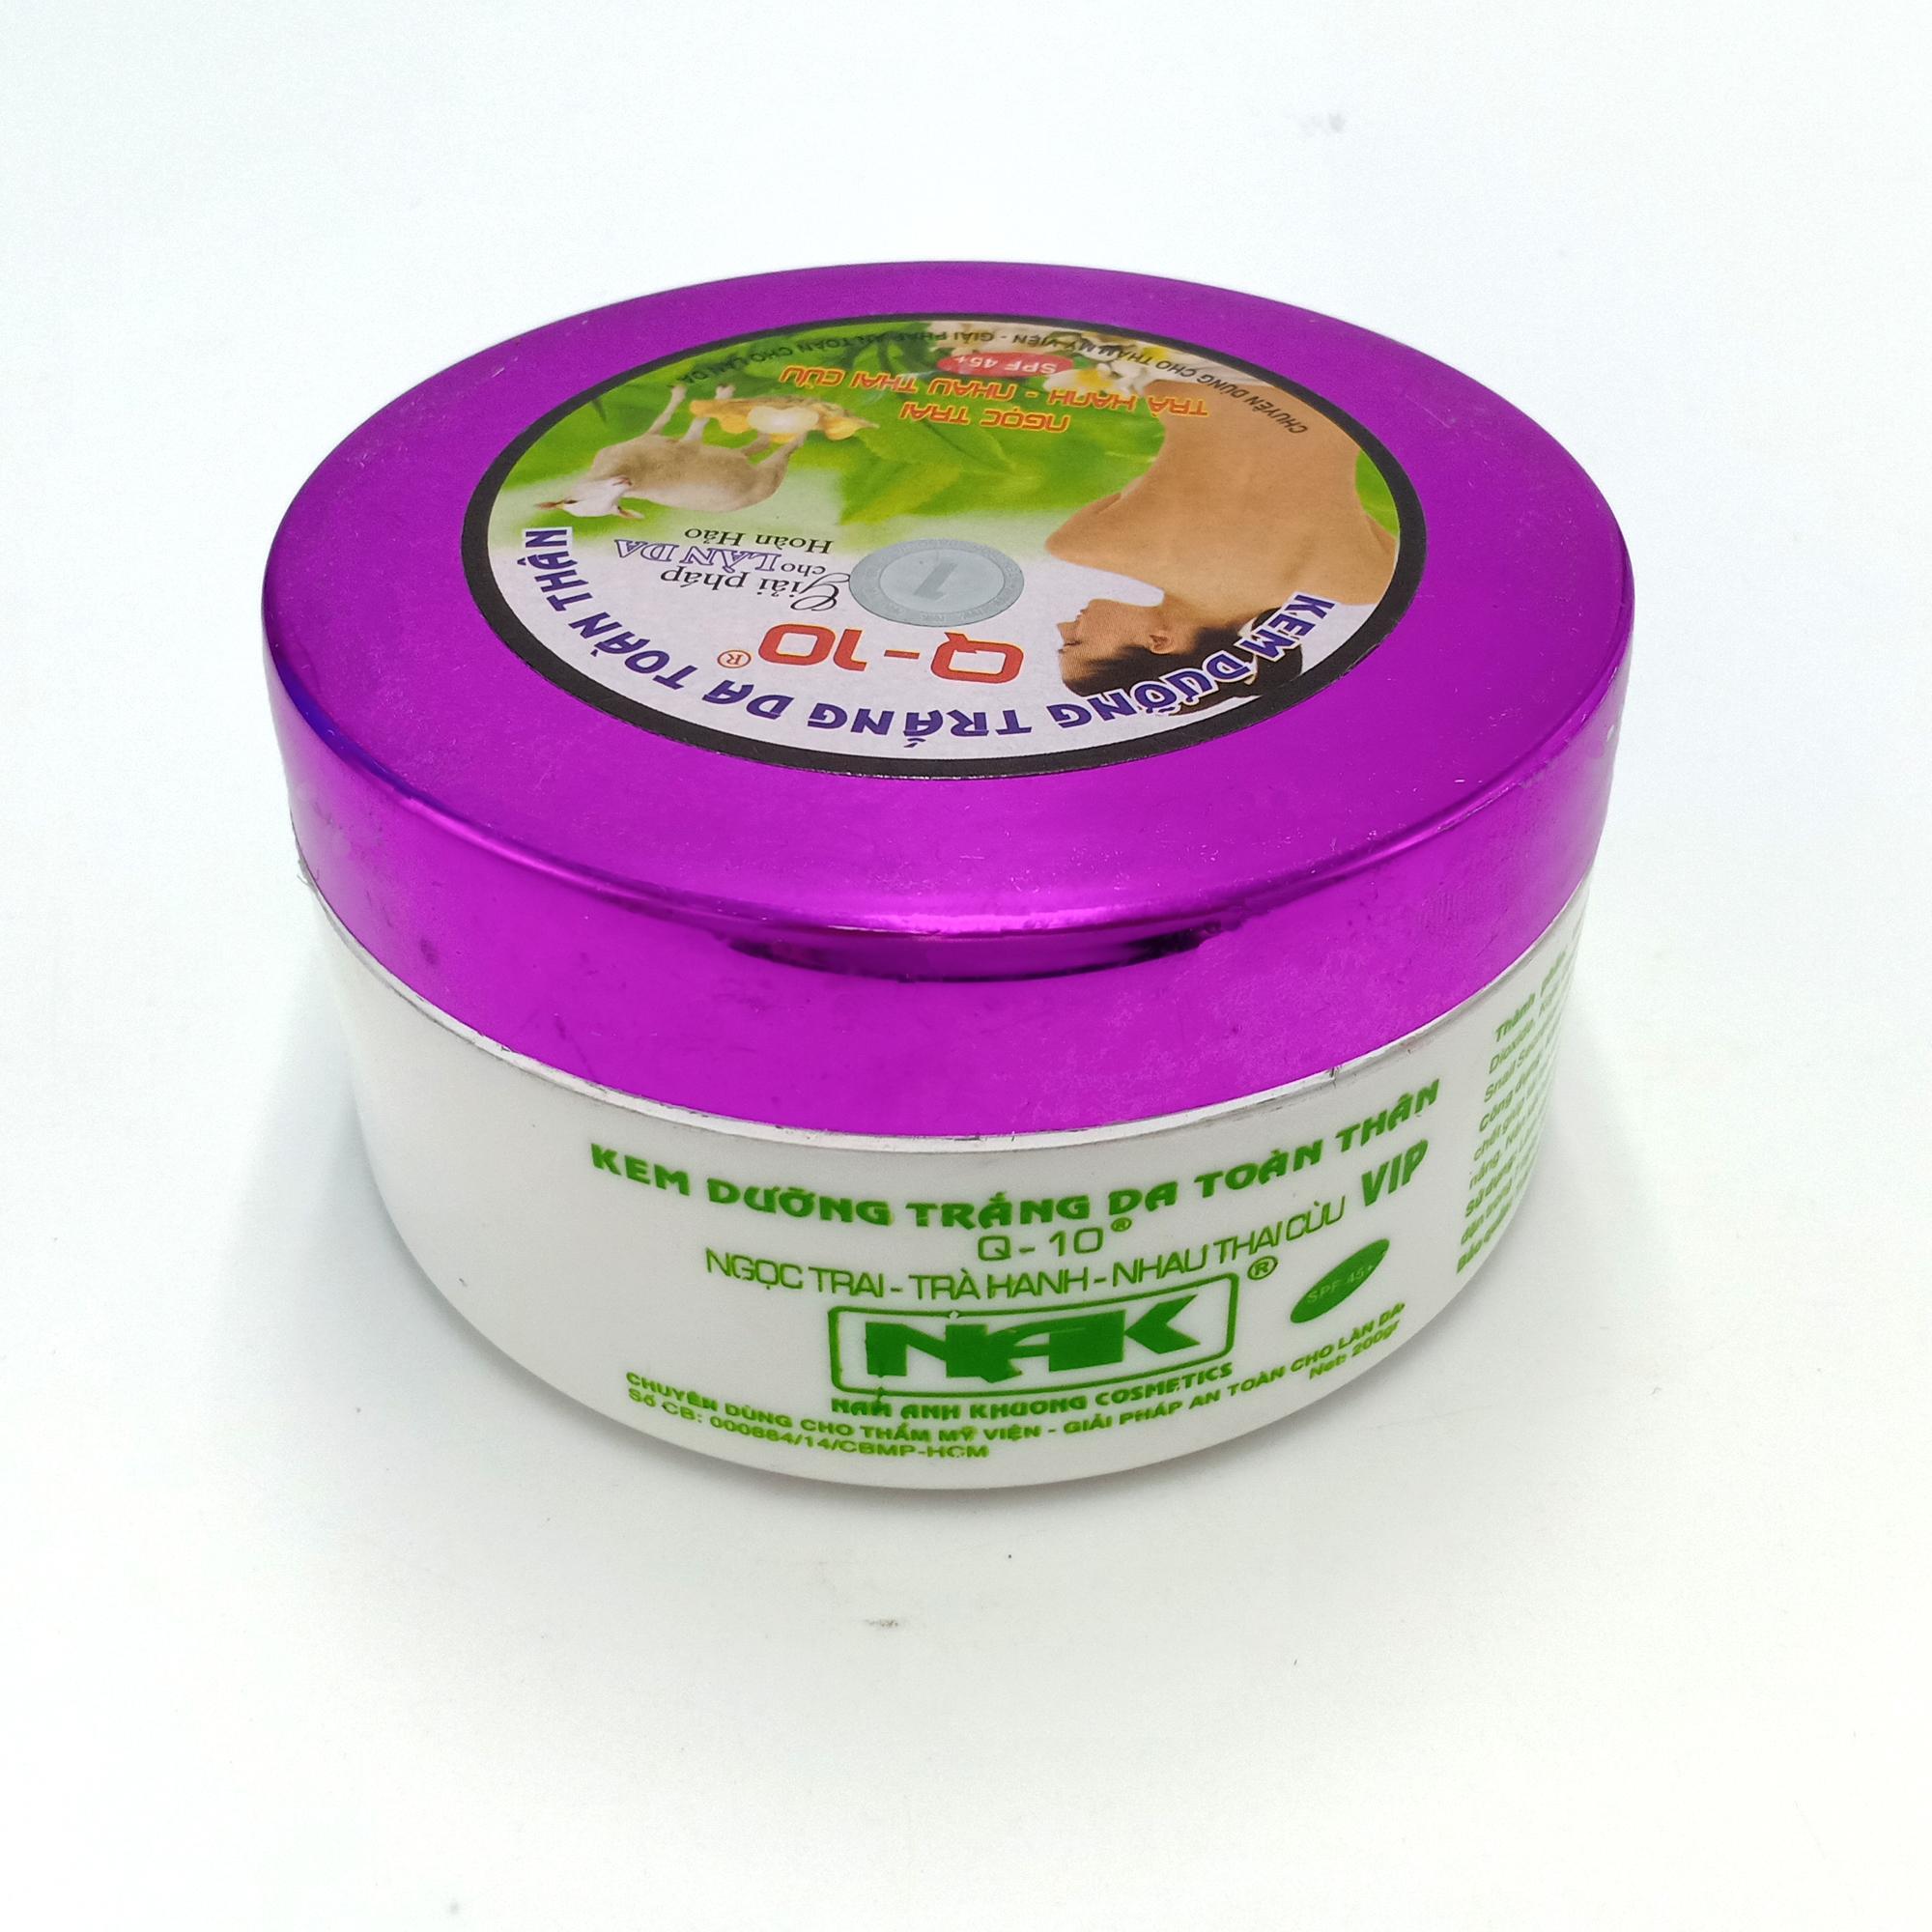 Kem dưỡng trắng da toàn thân Ngọc trai - Trà xanh - Nhau thai cừu Q10 200g (Tím - Trắng)